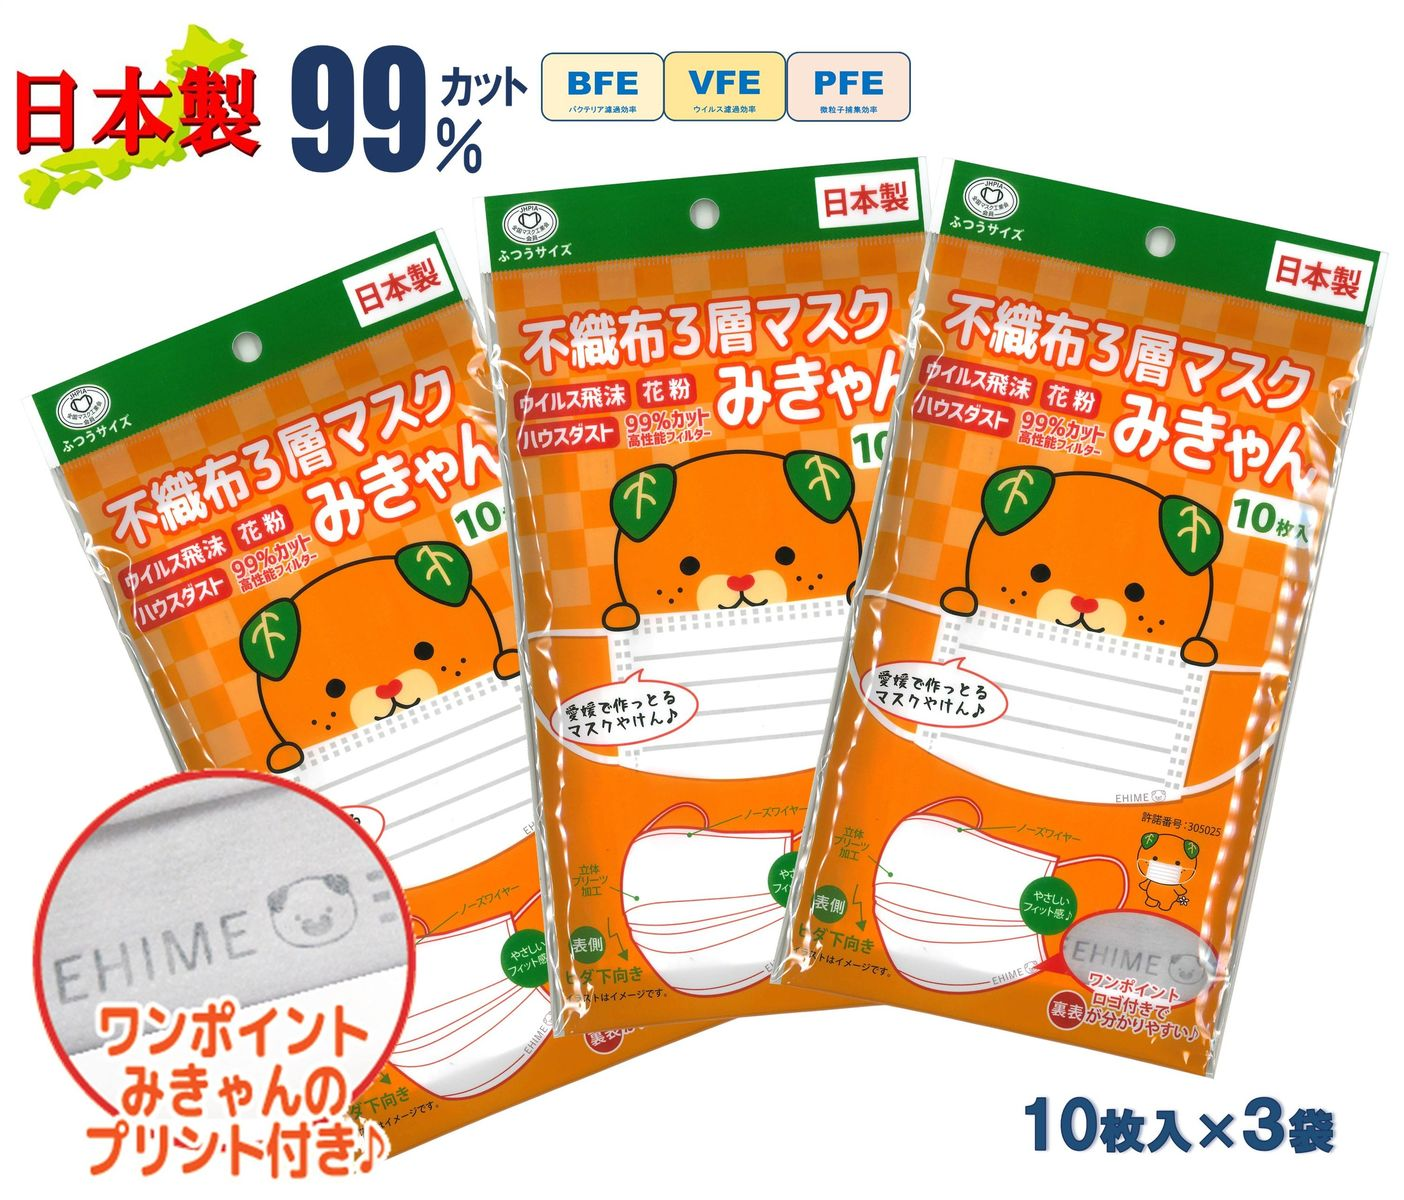 安心の日本製 18%OFF 快適で優しいフィット感のある 使い切り不織布マスクです 10枚が袋に入って1枚づつ取り出して使えます 愛媛県のマスコットキャラクター みきゃん 不織布マスク ワンポイント ロゴ 可愛い キャラクター 日本製 3層フィルターマスク 30枚 お気に入り 日本製マスク みきゃんロゴ 呼吸しやすい 99%カット 日本産 高機能 国産マスク 耳が痛くならない 不織布 快適フィット 使い捨てマスク 10枚入×3袋セット